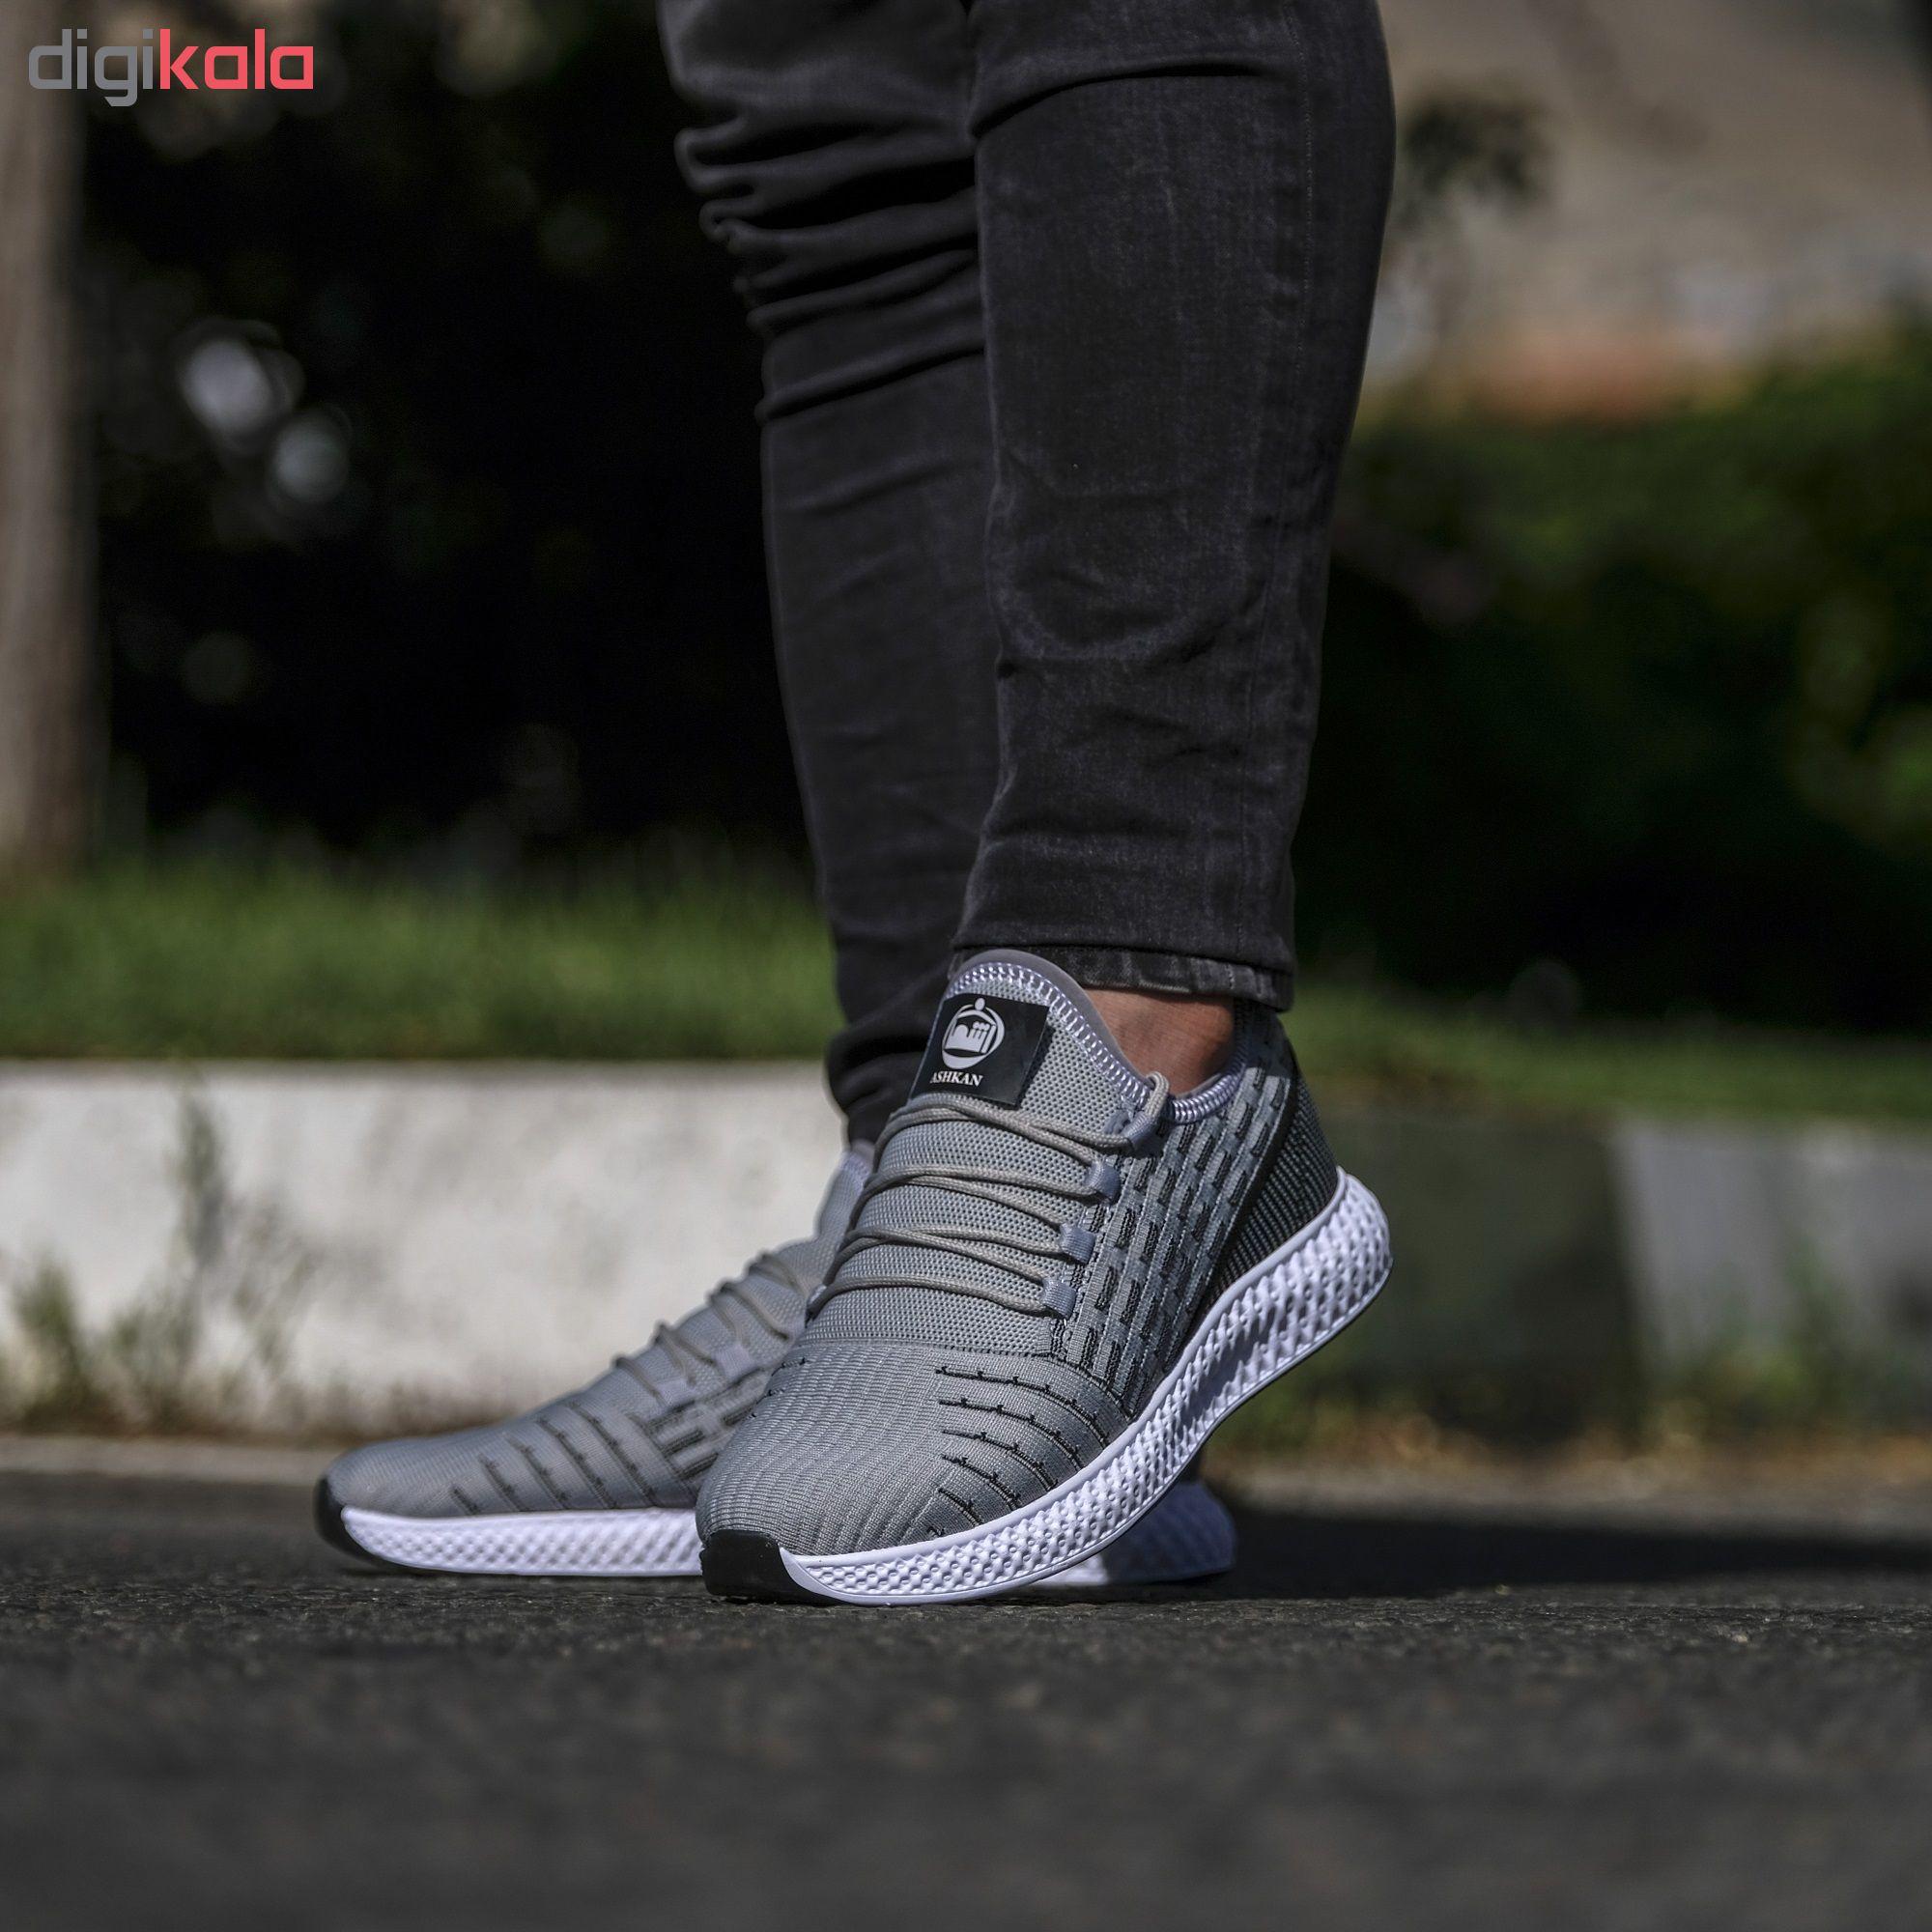 کفش مخصوص پیاده روی مردانه مدل u.arshia